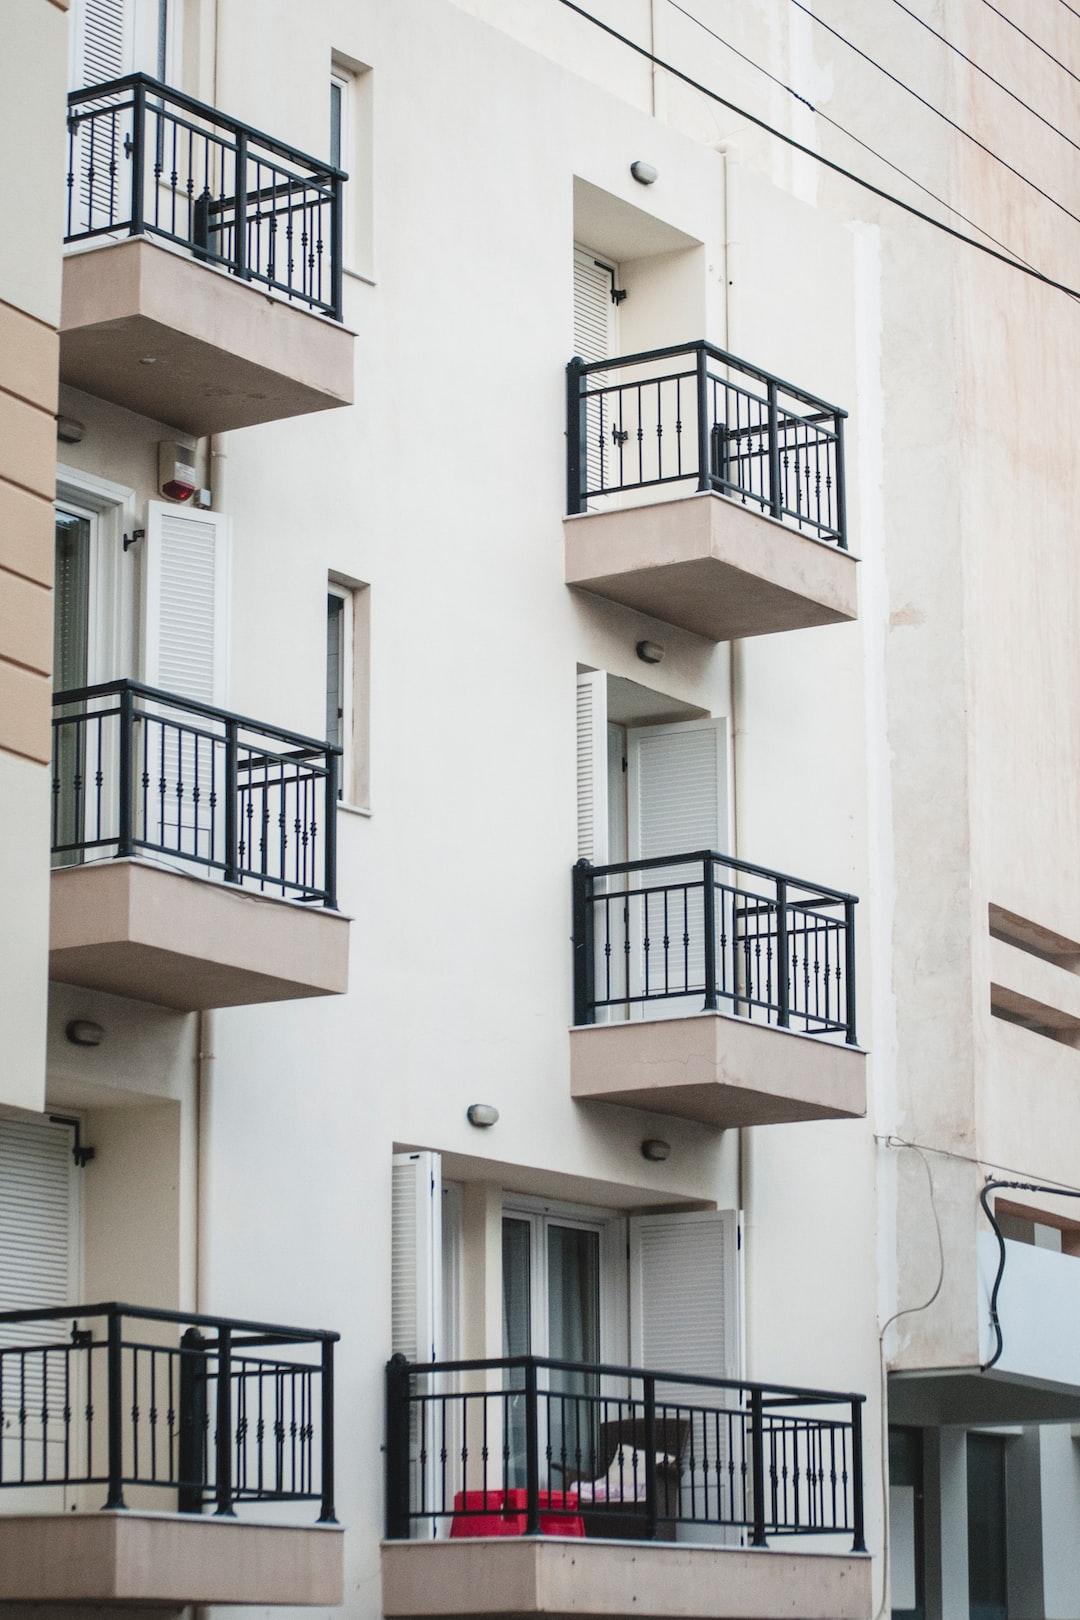 Wie groß darf ein Balkon sein ohne Genehmigung?